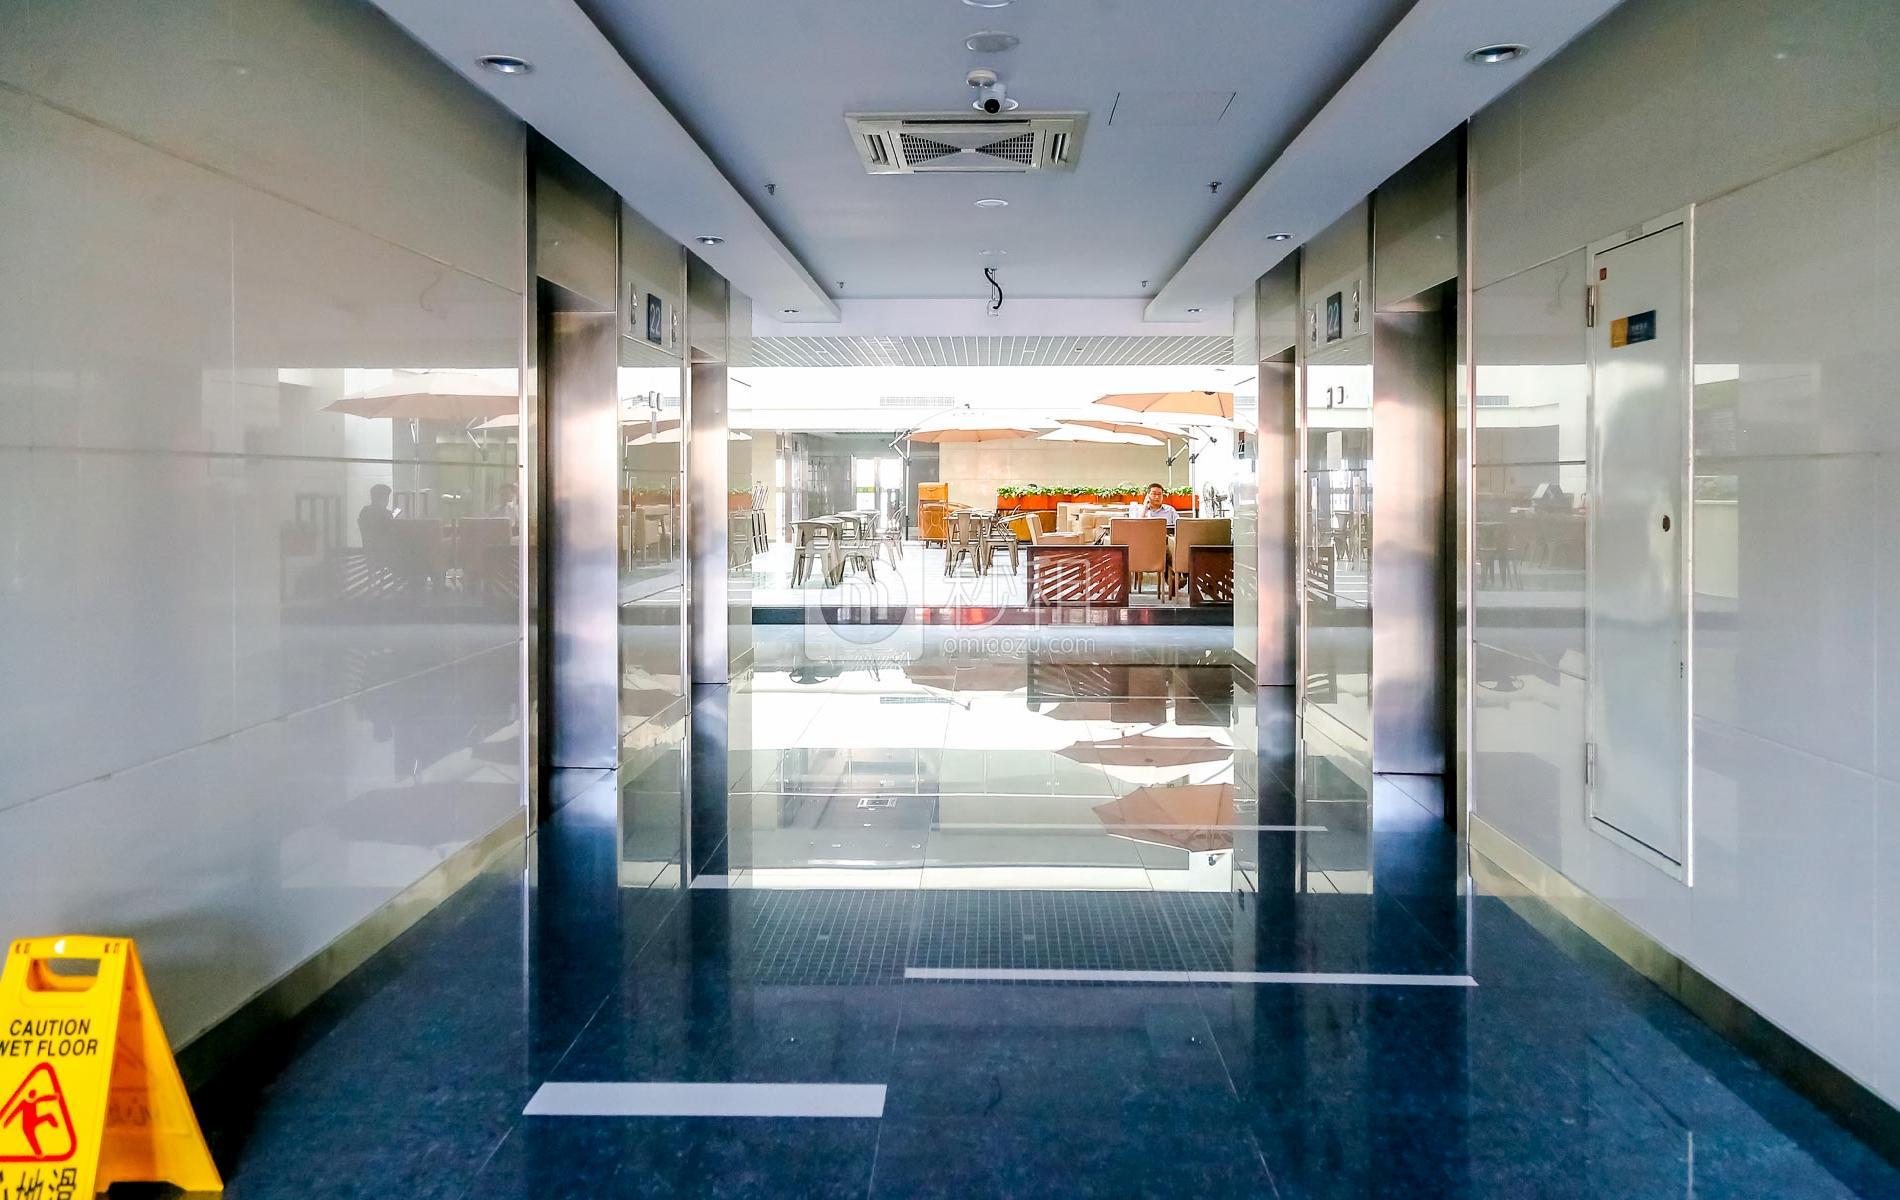 德赛科技大厦写字楼出租/招租/租赁,德赛科技大厦办公室出租/招租/租赁